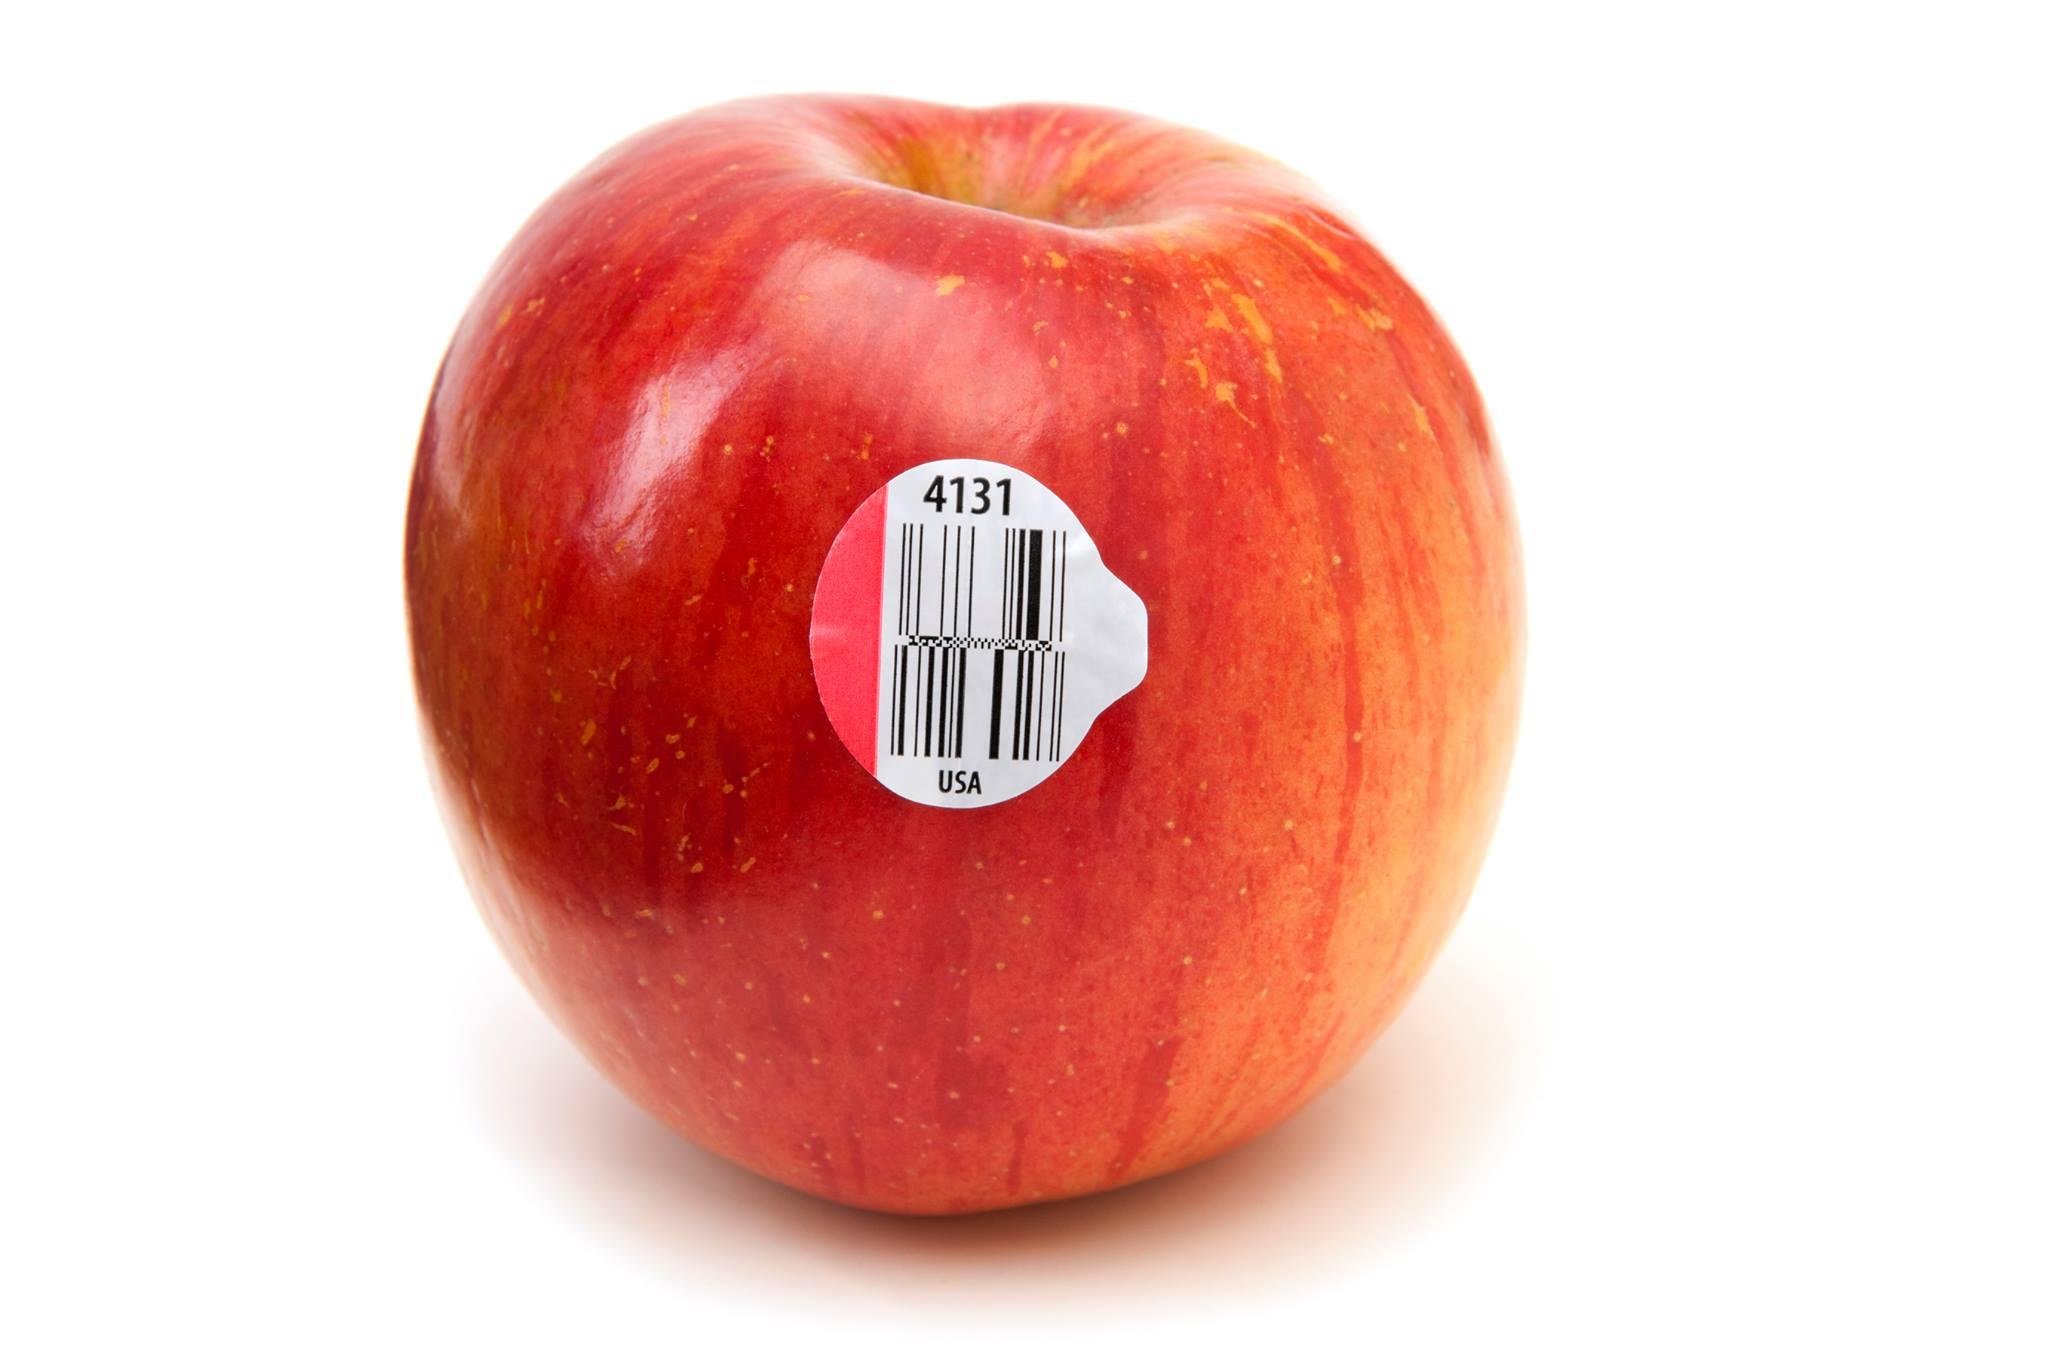 Entenda o que significam os números nas etiquetas de frutas e legumes